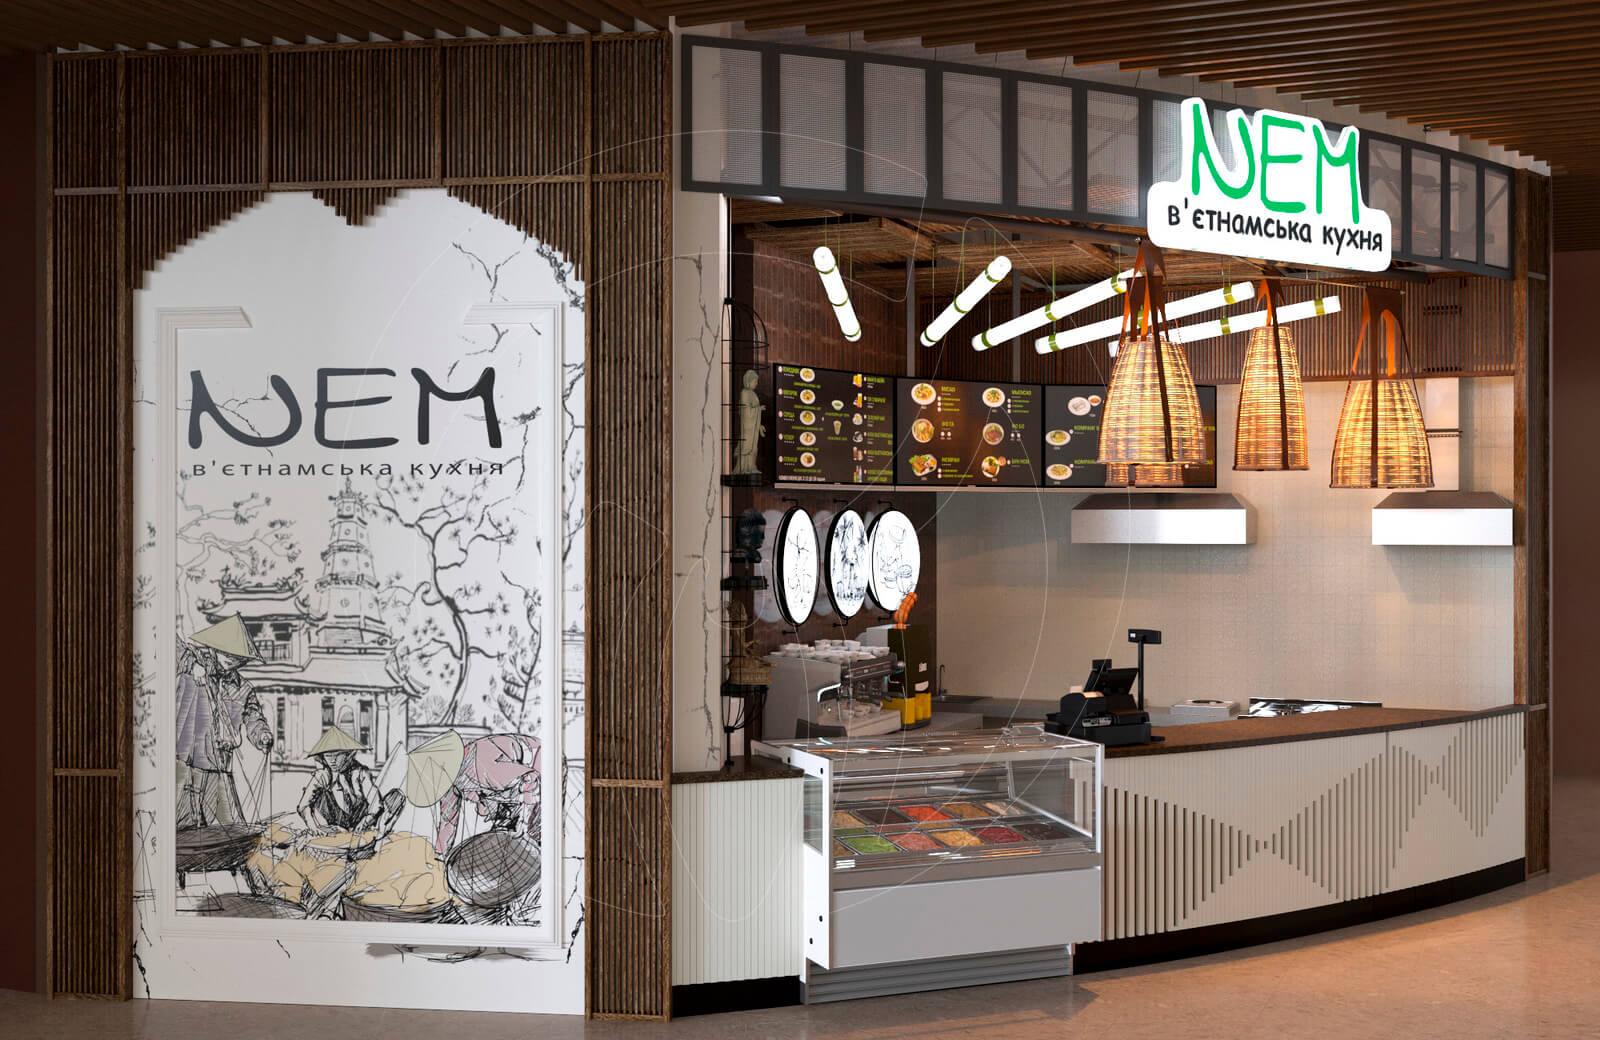 Ресторан fast food NEM. Мурал с деревянным порталом